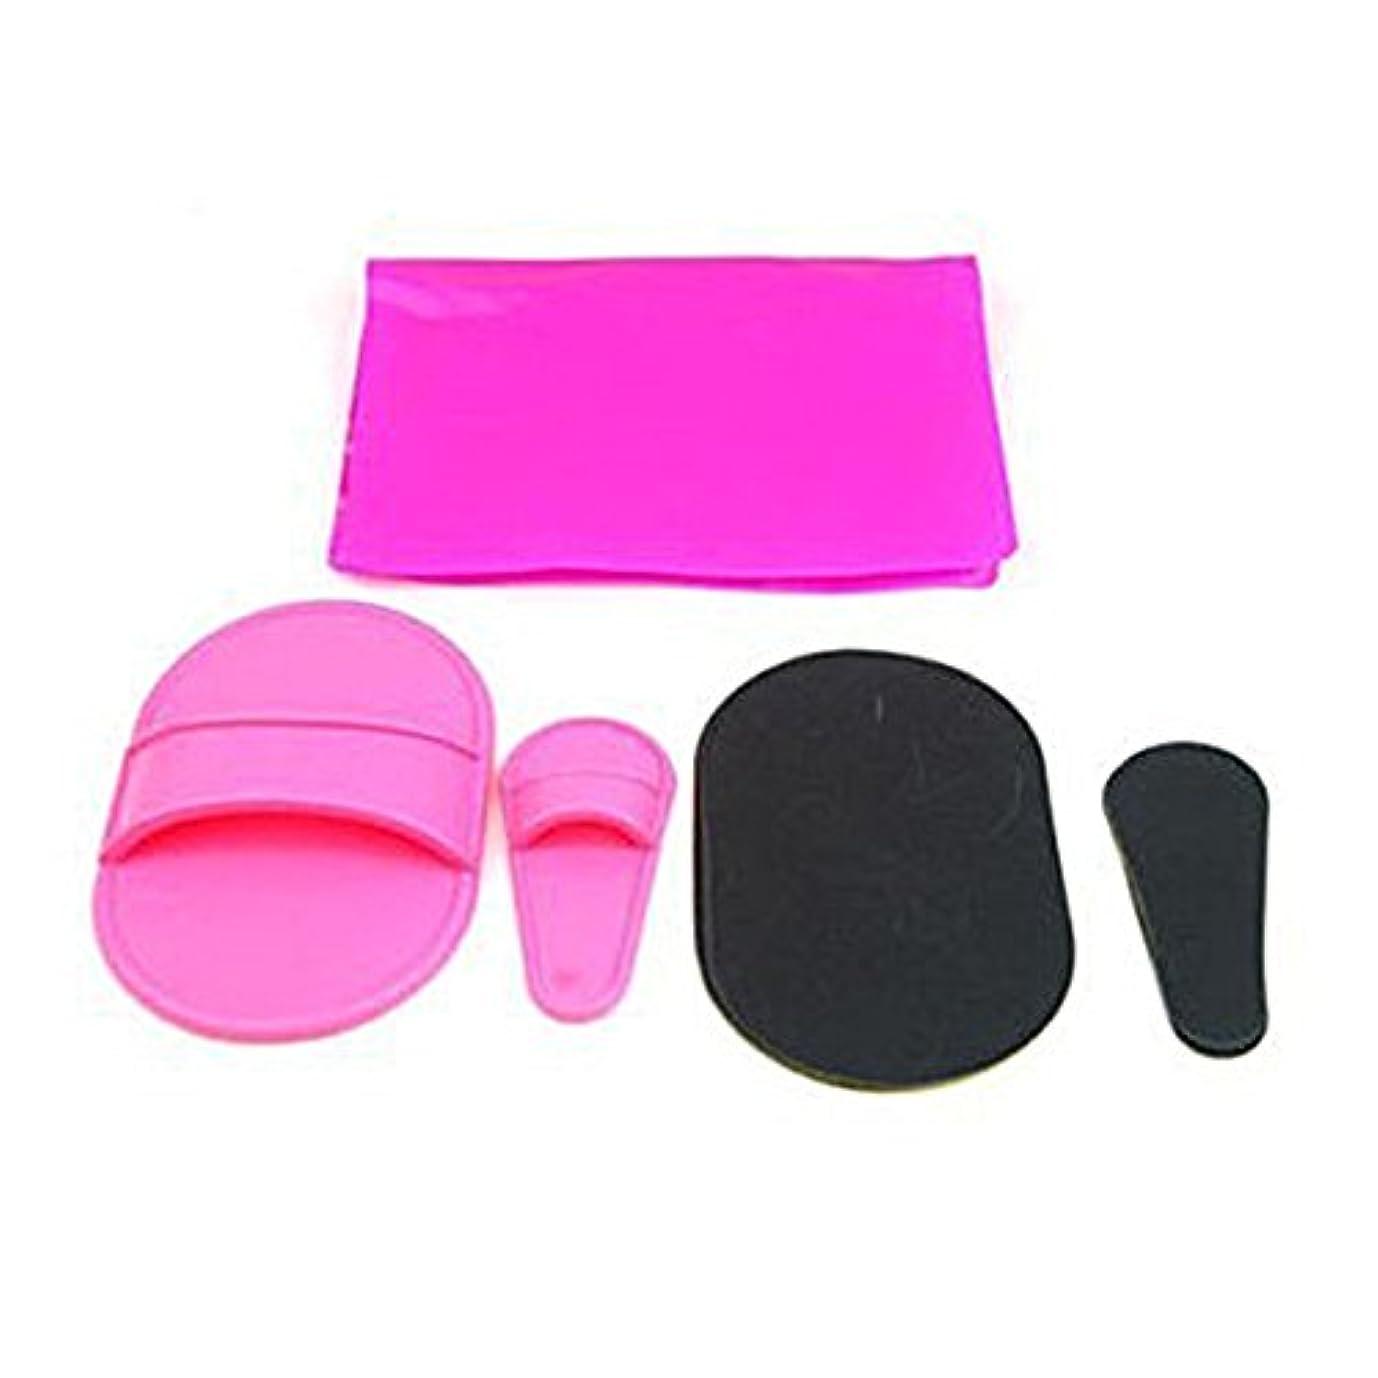 シダタウポ湖エスカレーター滑らかな足パッドの痛みのないフェイスリフトの皮膚の上唇のための12×脱毛セット